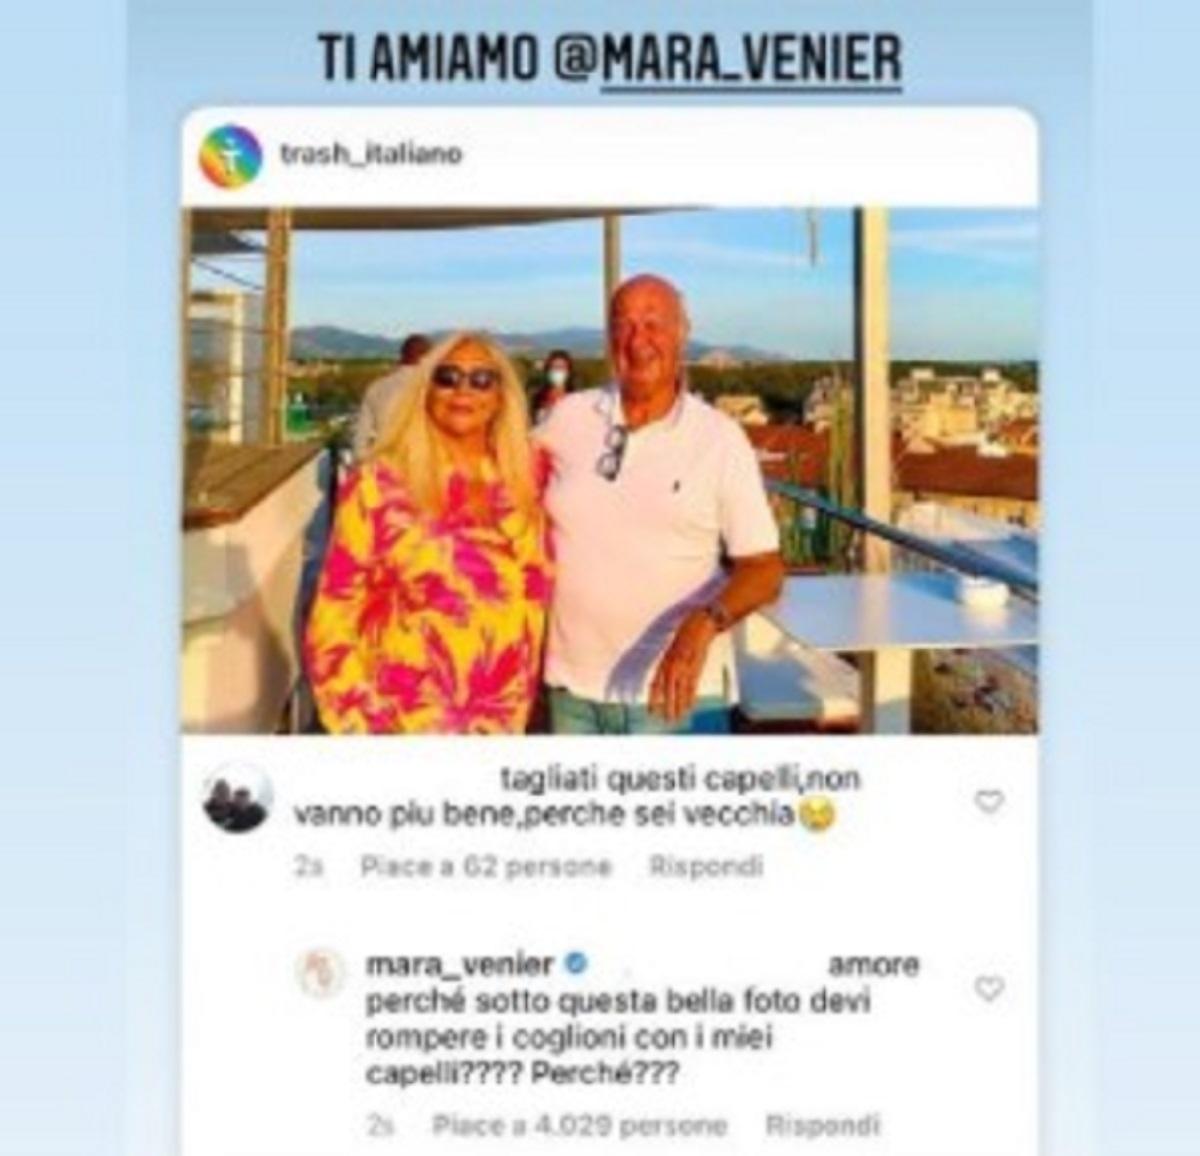 Mara Venier replica epica critica capelli